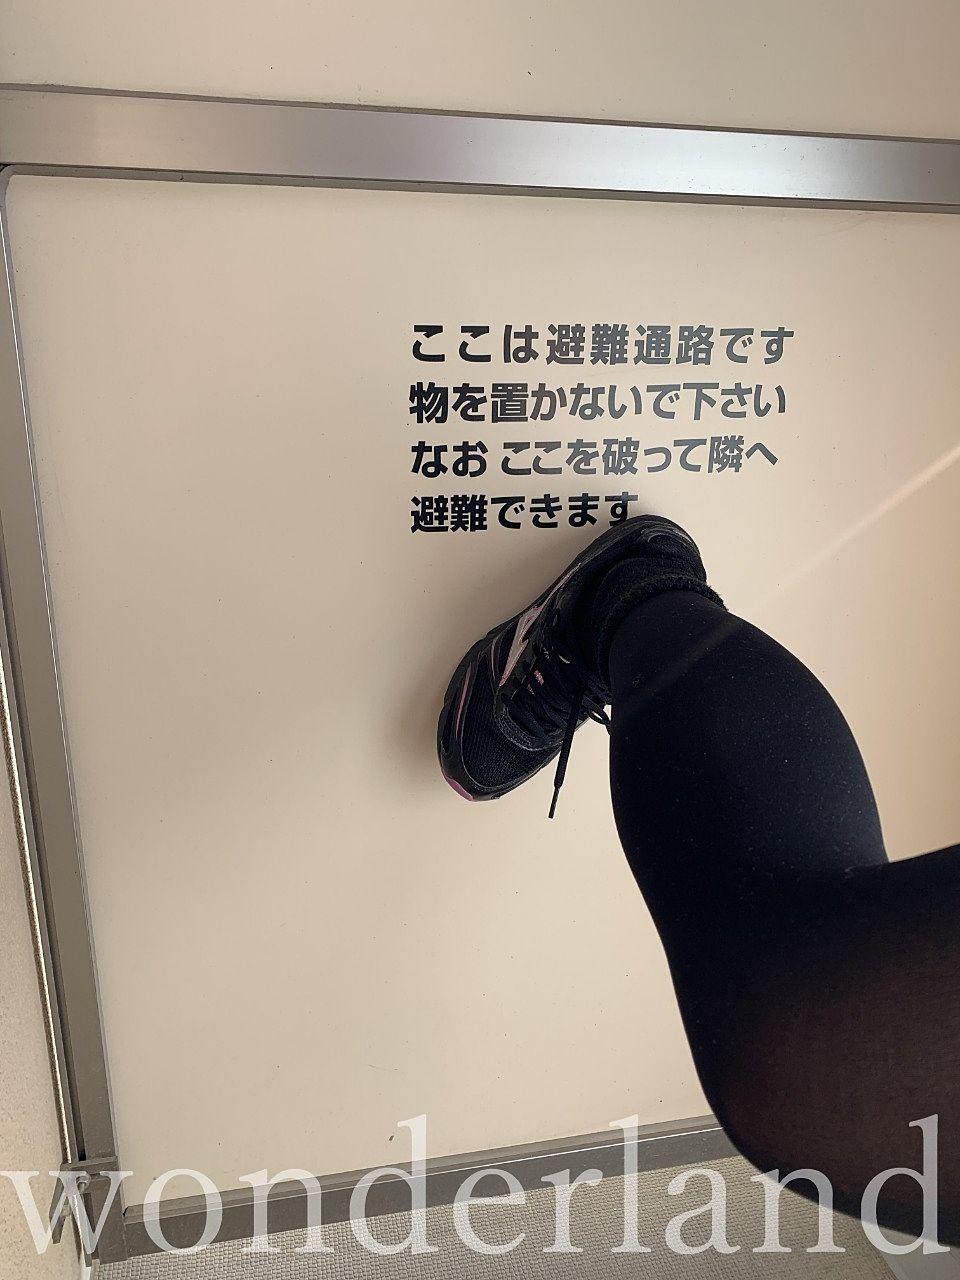 マンションってところ (その13)